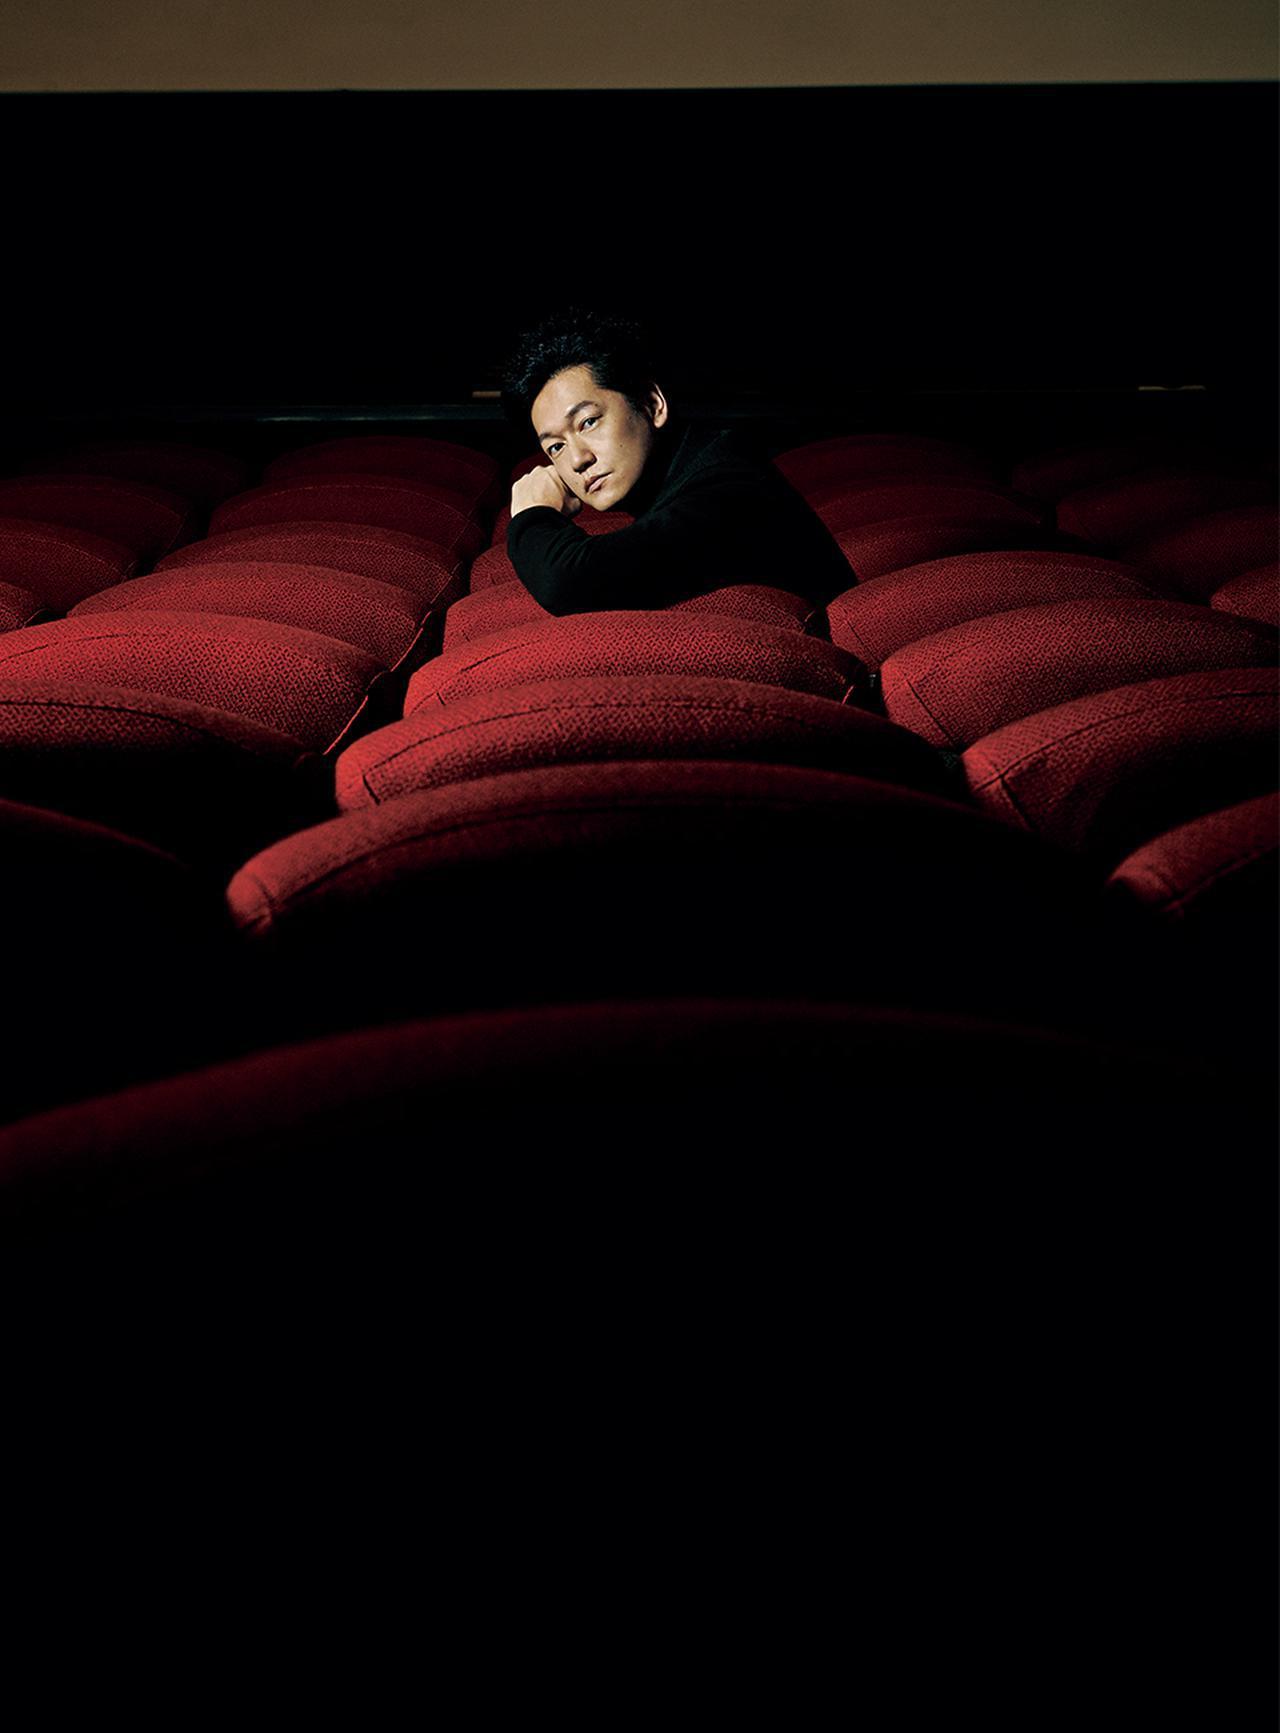 画像: 井浦 新(ARATA IURA) 1974年、東京都生まれ。'98年に是枝裕和監督作『ワンダフルライフ』の主演で映画デビュー。映画、ドラマ、ナレーション等、幅広く活躍。『11・25自決の日 三島由紀夫と若者たち』('12年)で日本映画プロフェッショナル大賞主演男優賞を受賞。その他、『菊とギロチン』('18年)、『止められるか、俺たちを』('18年)等、出演作多数